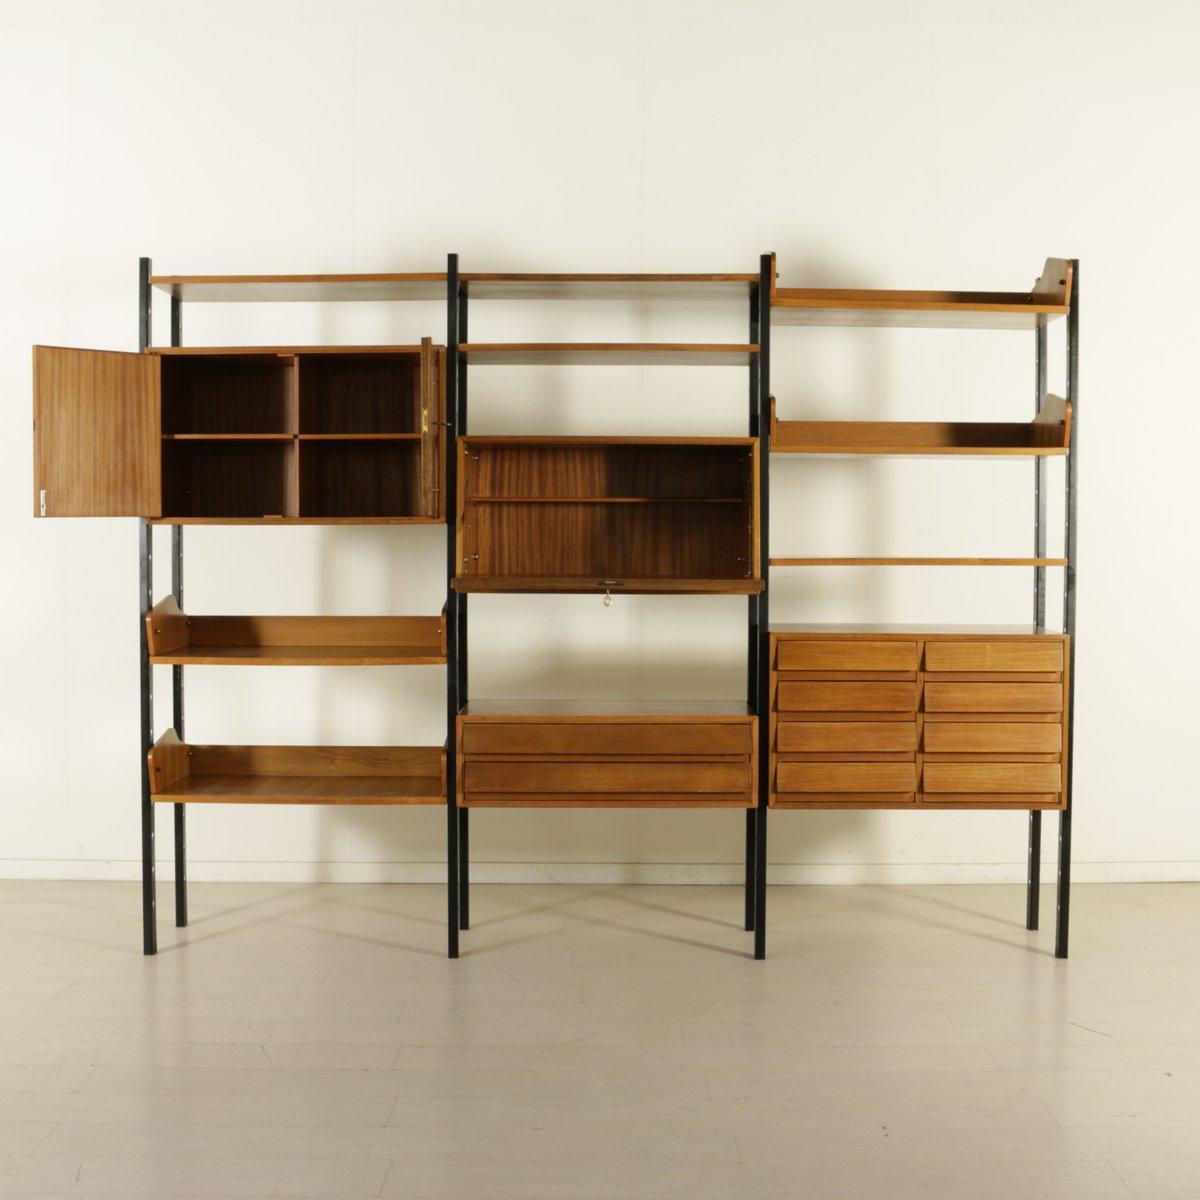 biblioth que vintage avec l ments ajustables en m tal et placage acajou en vente sur pamono. Black Bedroom Furniture Sets. Home Design Ideas